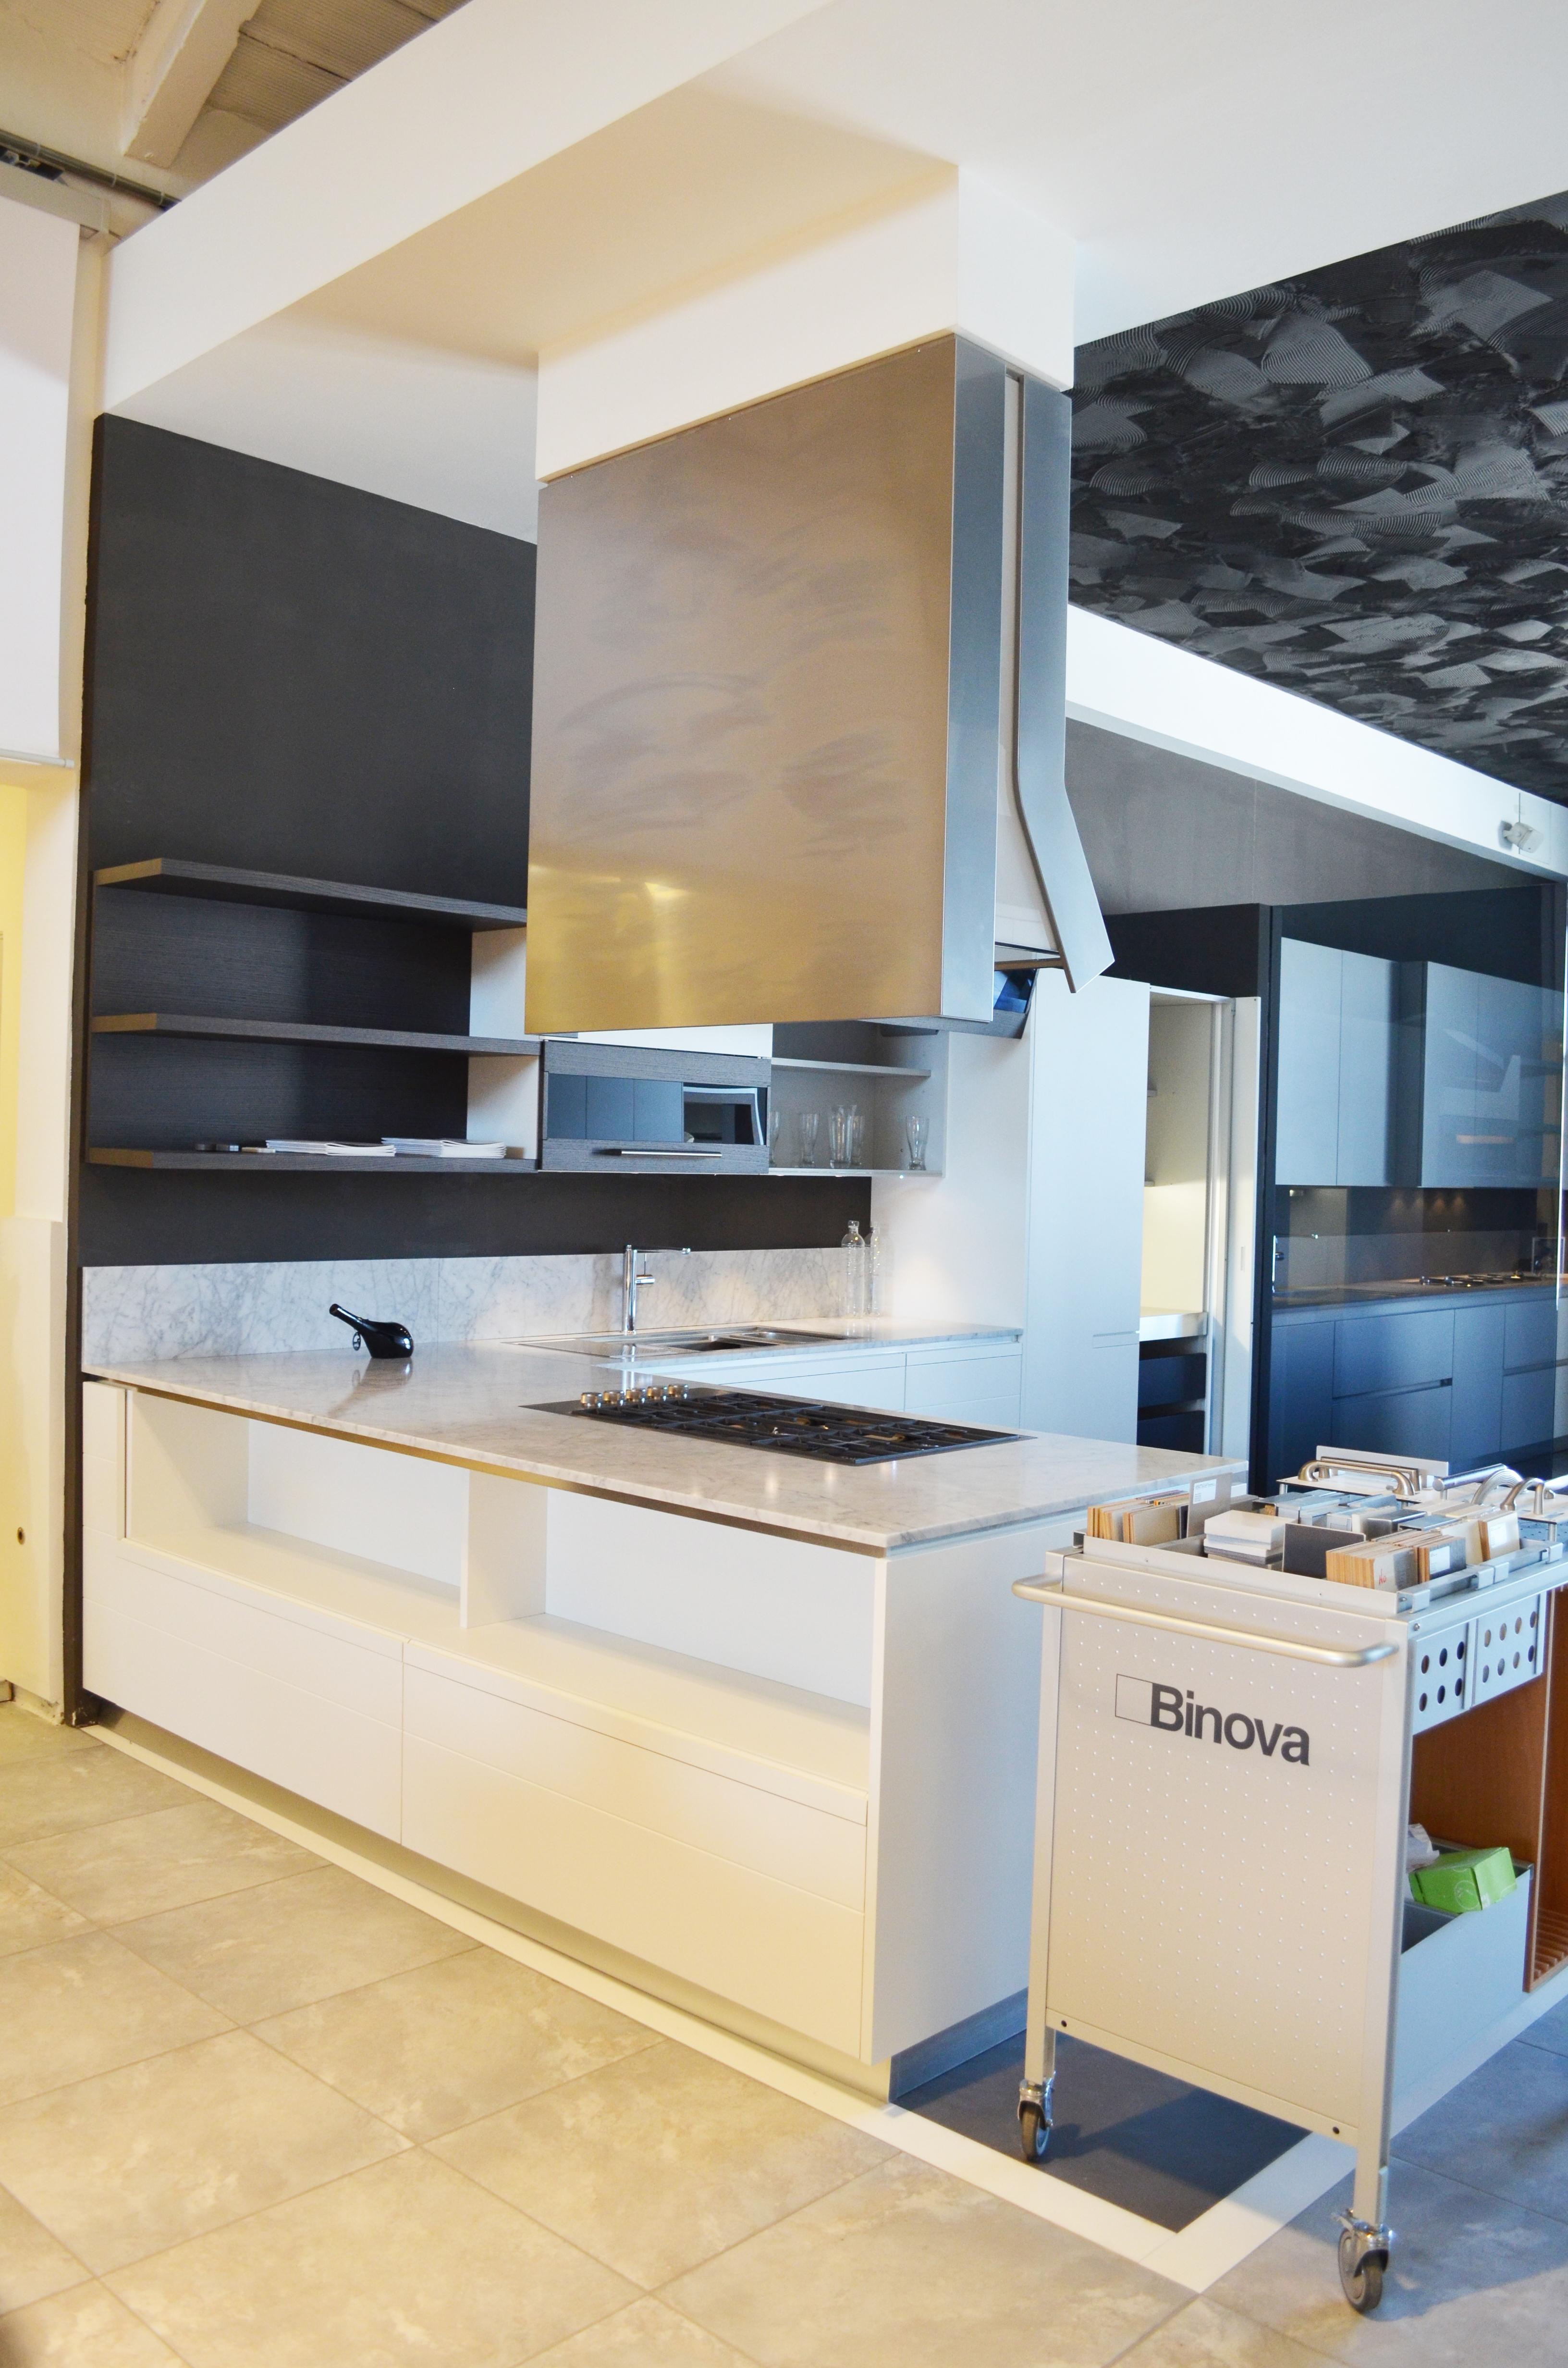 Cucina binova in promozione cucine a prezzi scontati - Cucine binova opinioni ...